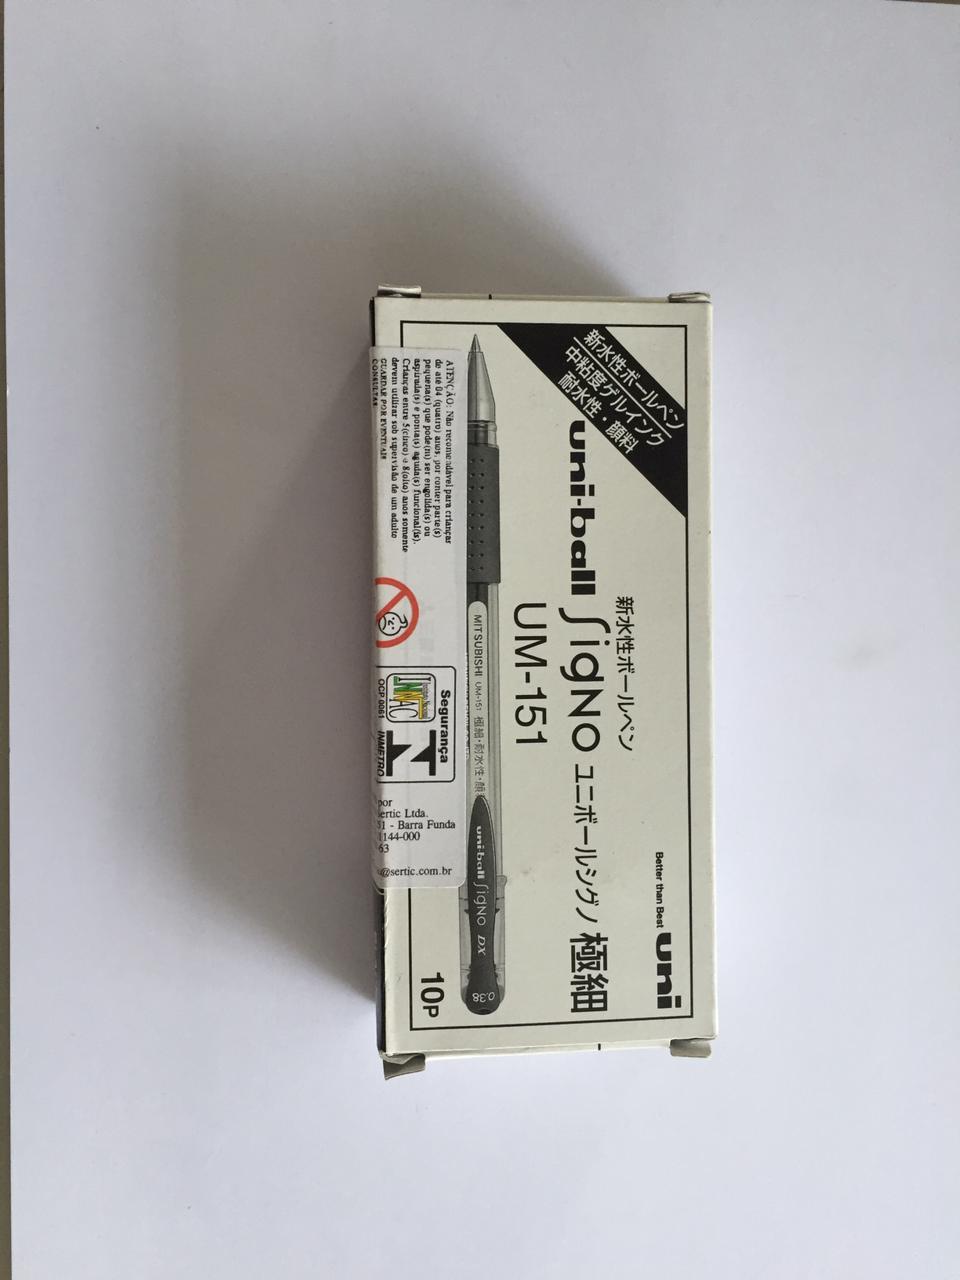 Caneta Esferográfica Signo 0.38mm UM-151 Uni Ball